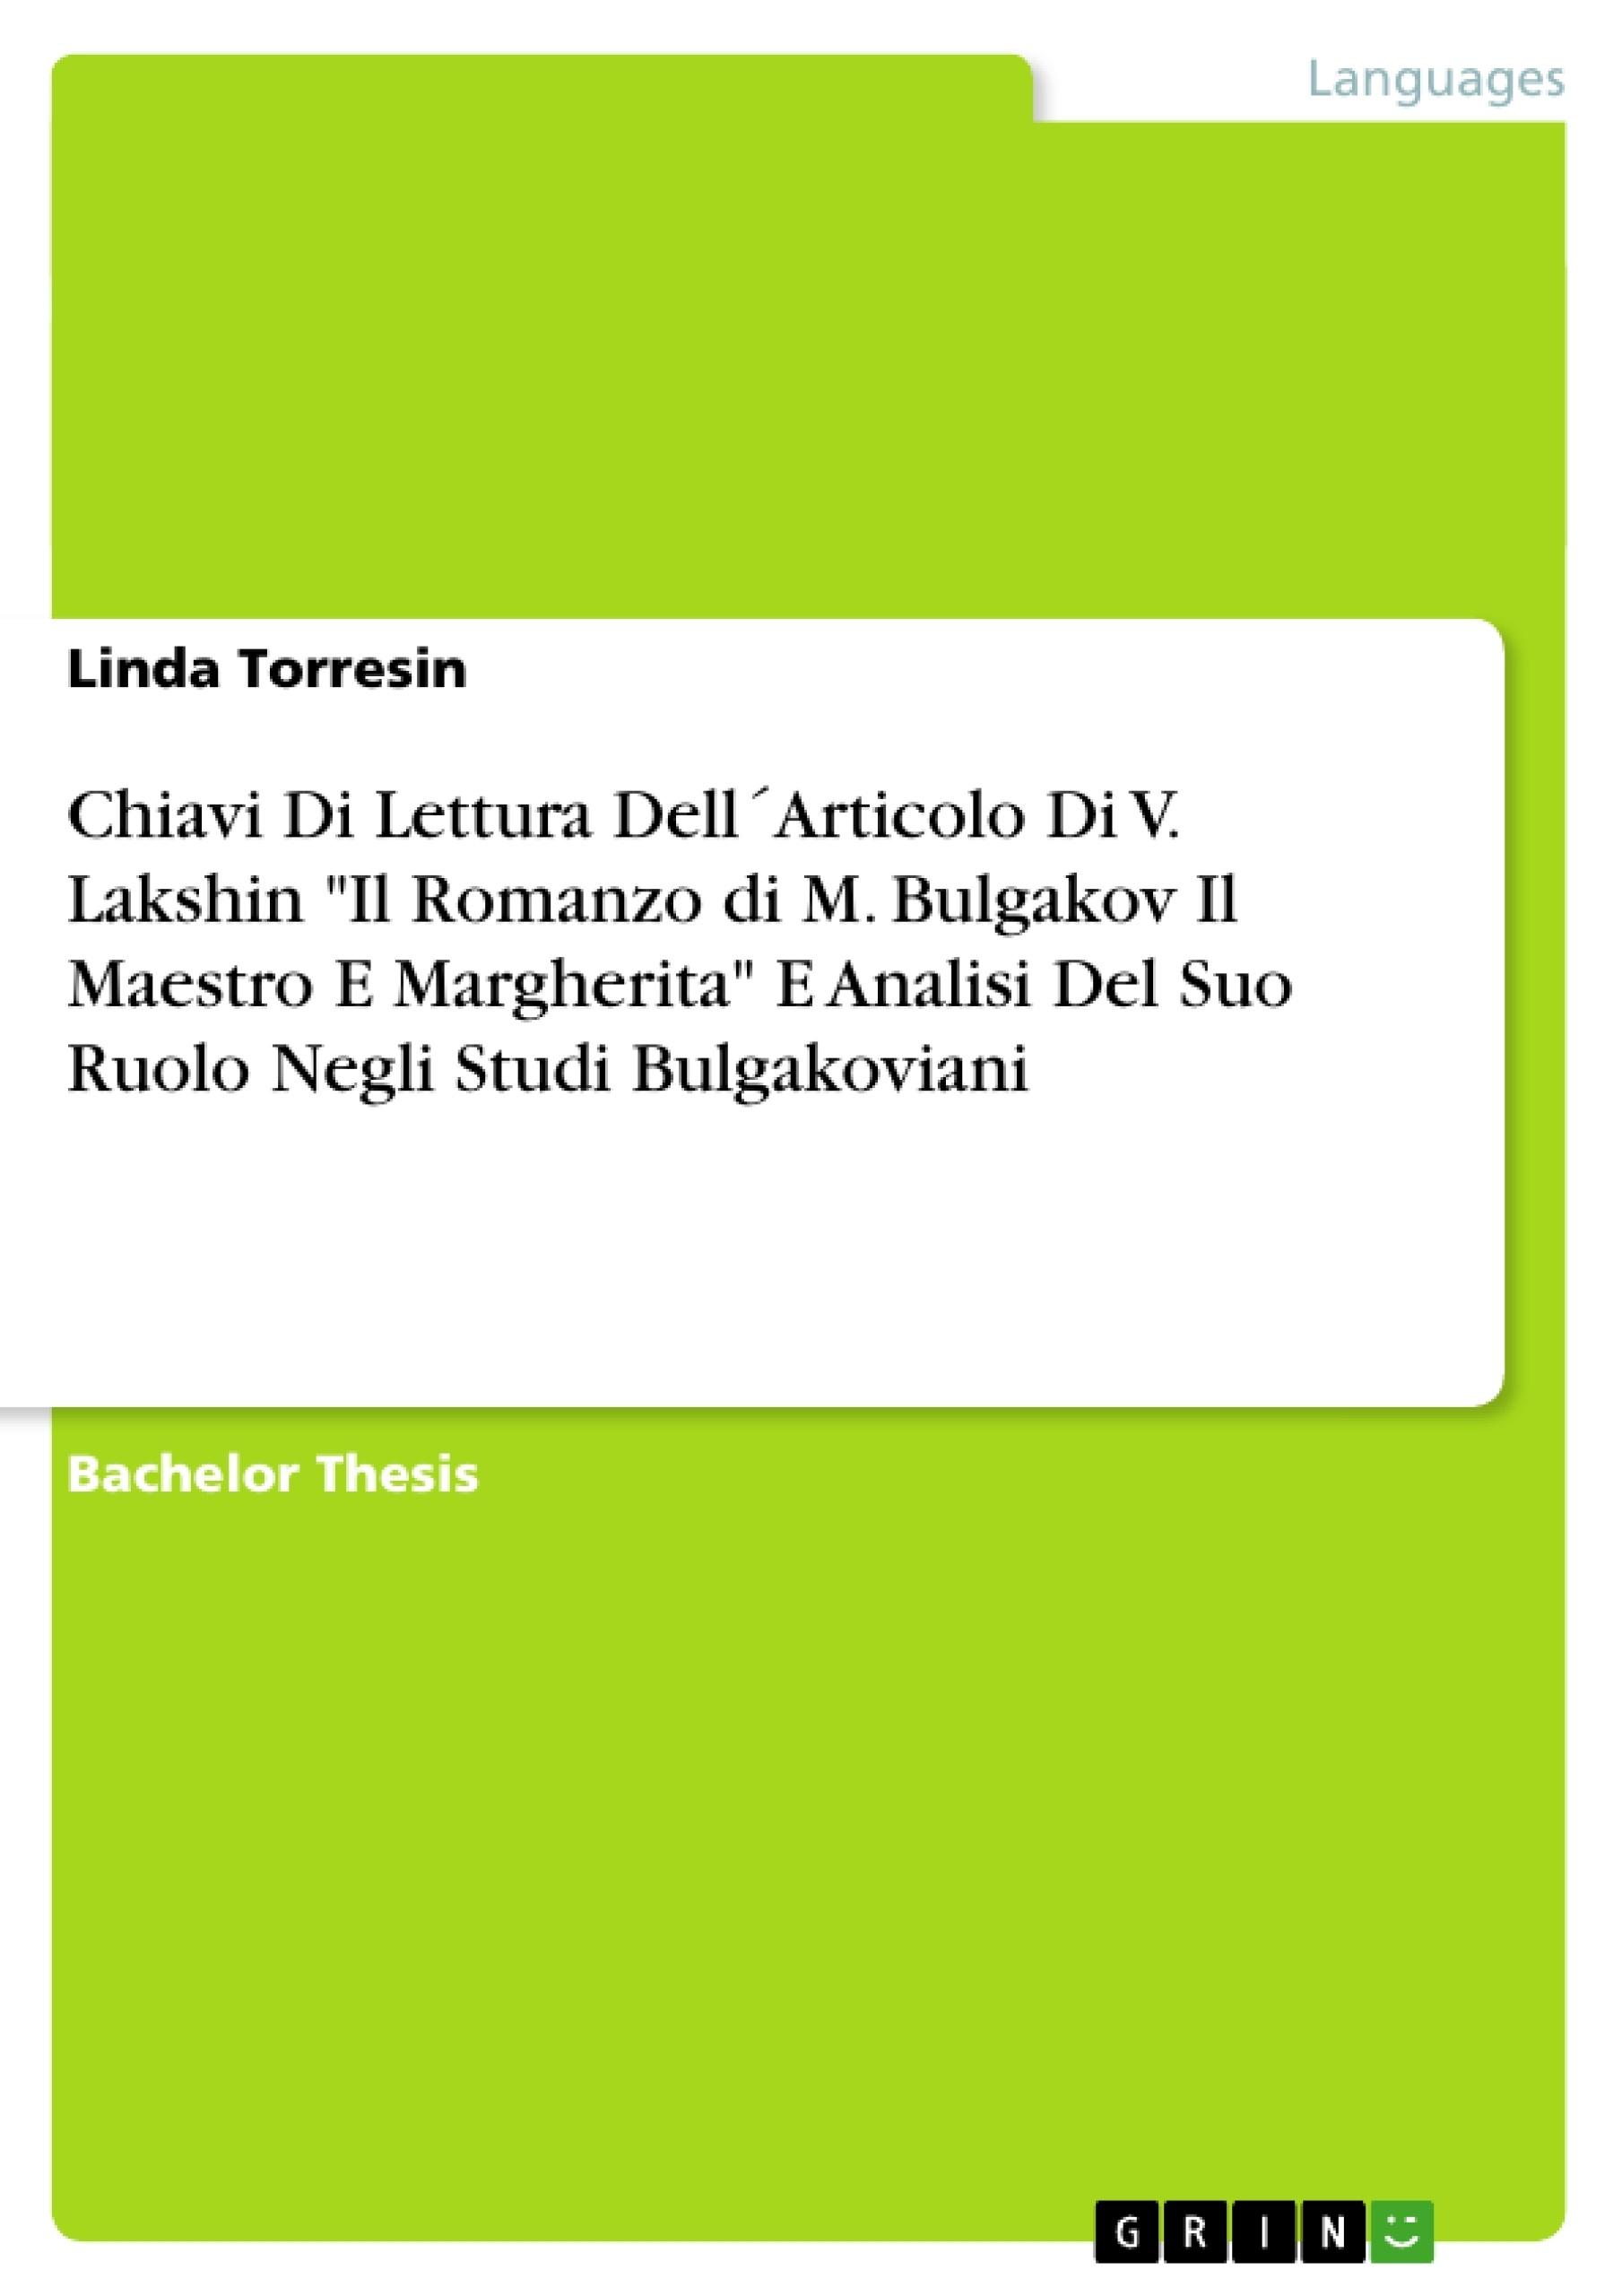 """Title: Chiavi Di Lettura Dell´Articolo Di V. Lakshin """"Il Romanzo di M. Bulgakov Il Maestro E Margherita"""" E Analisi Del Suo Ruolo Negli Studi Bulgakoviani"""